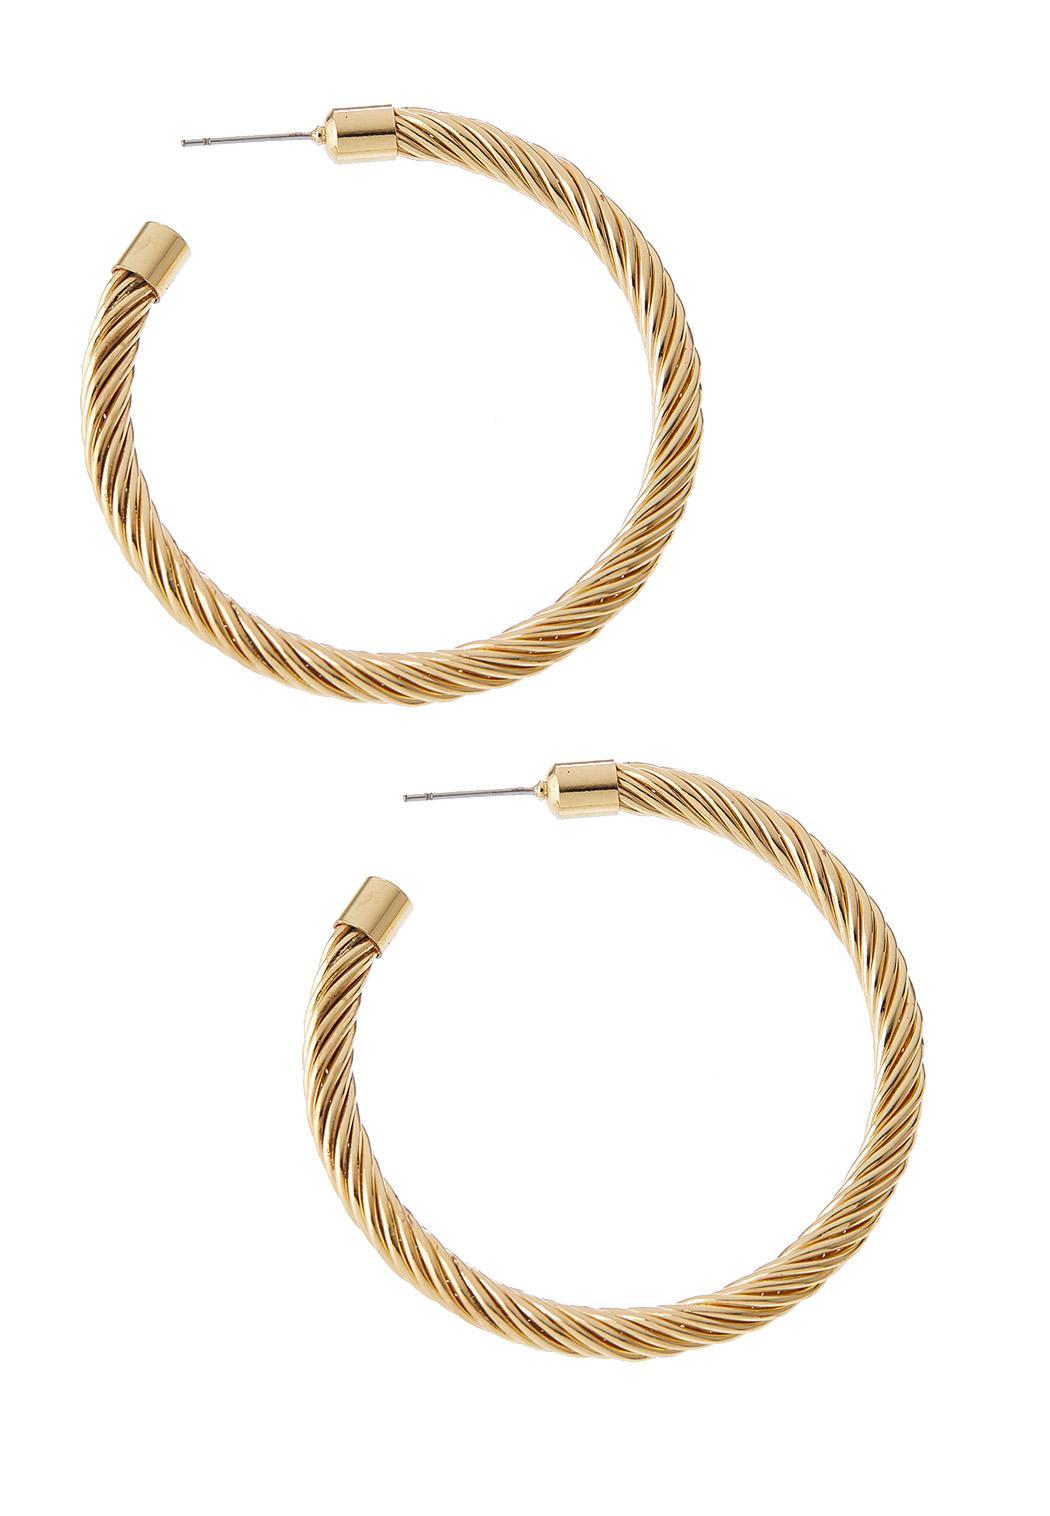 Gold Roped Hoop Earrings